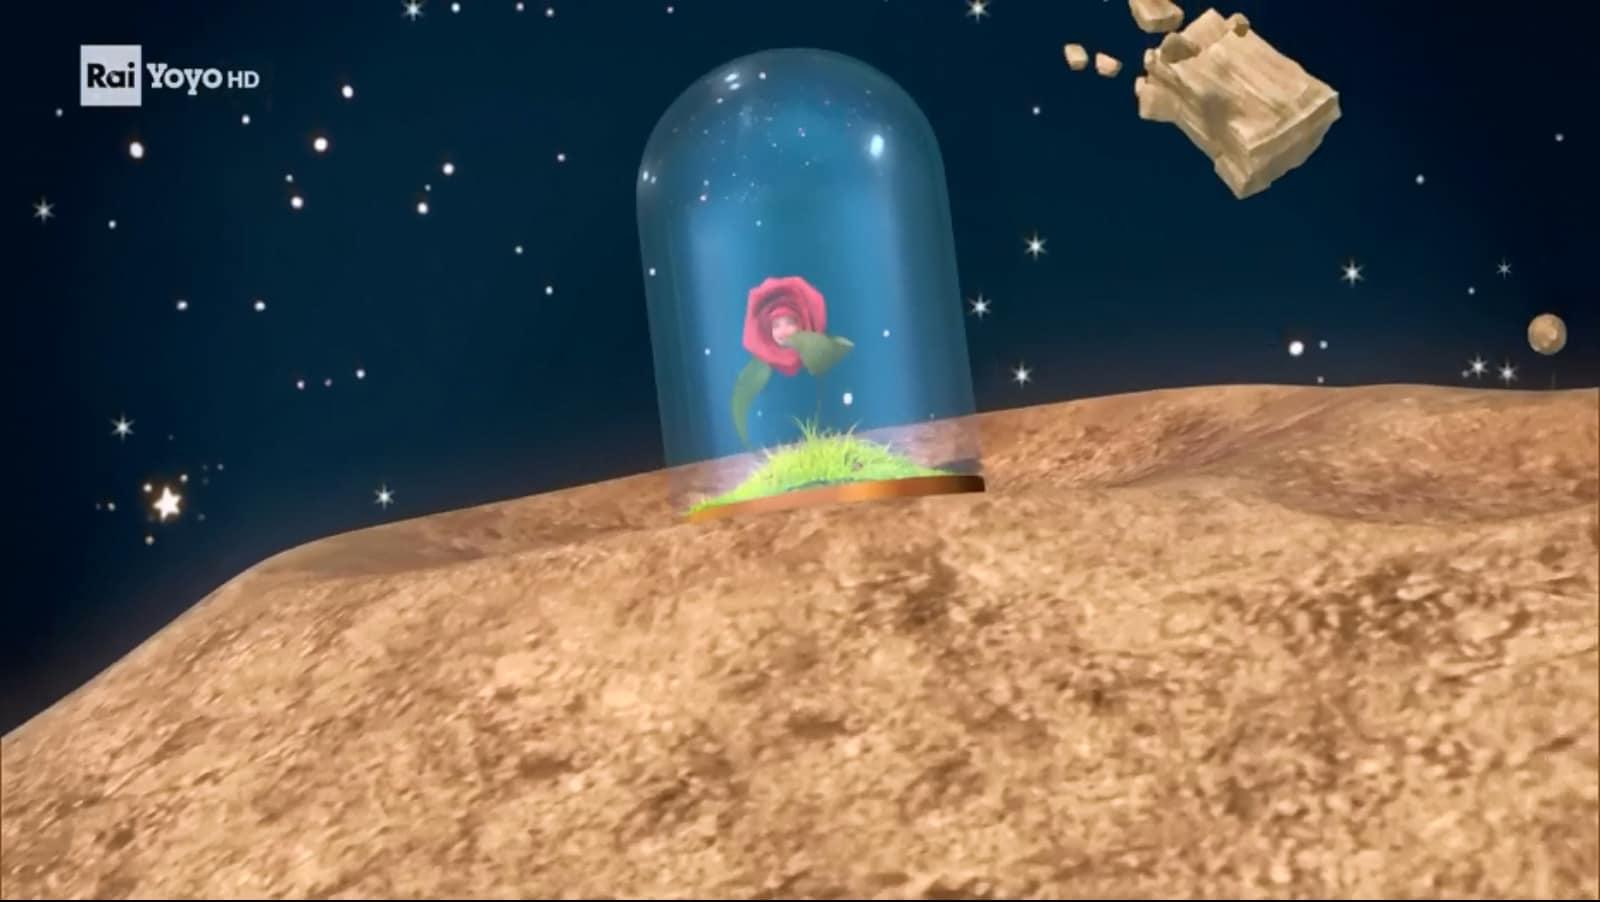 Rai Yoyo Il piccolo principe - S3E4 - C669 > B901 Il pianeta di Tabarrino - Parte 1